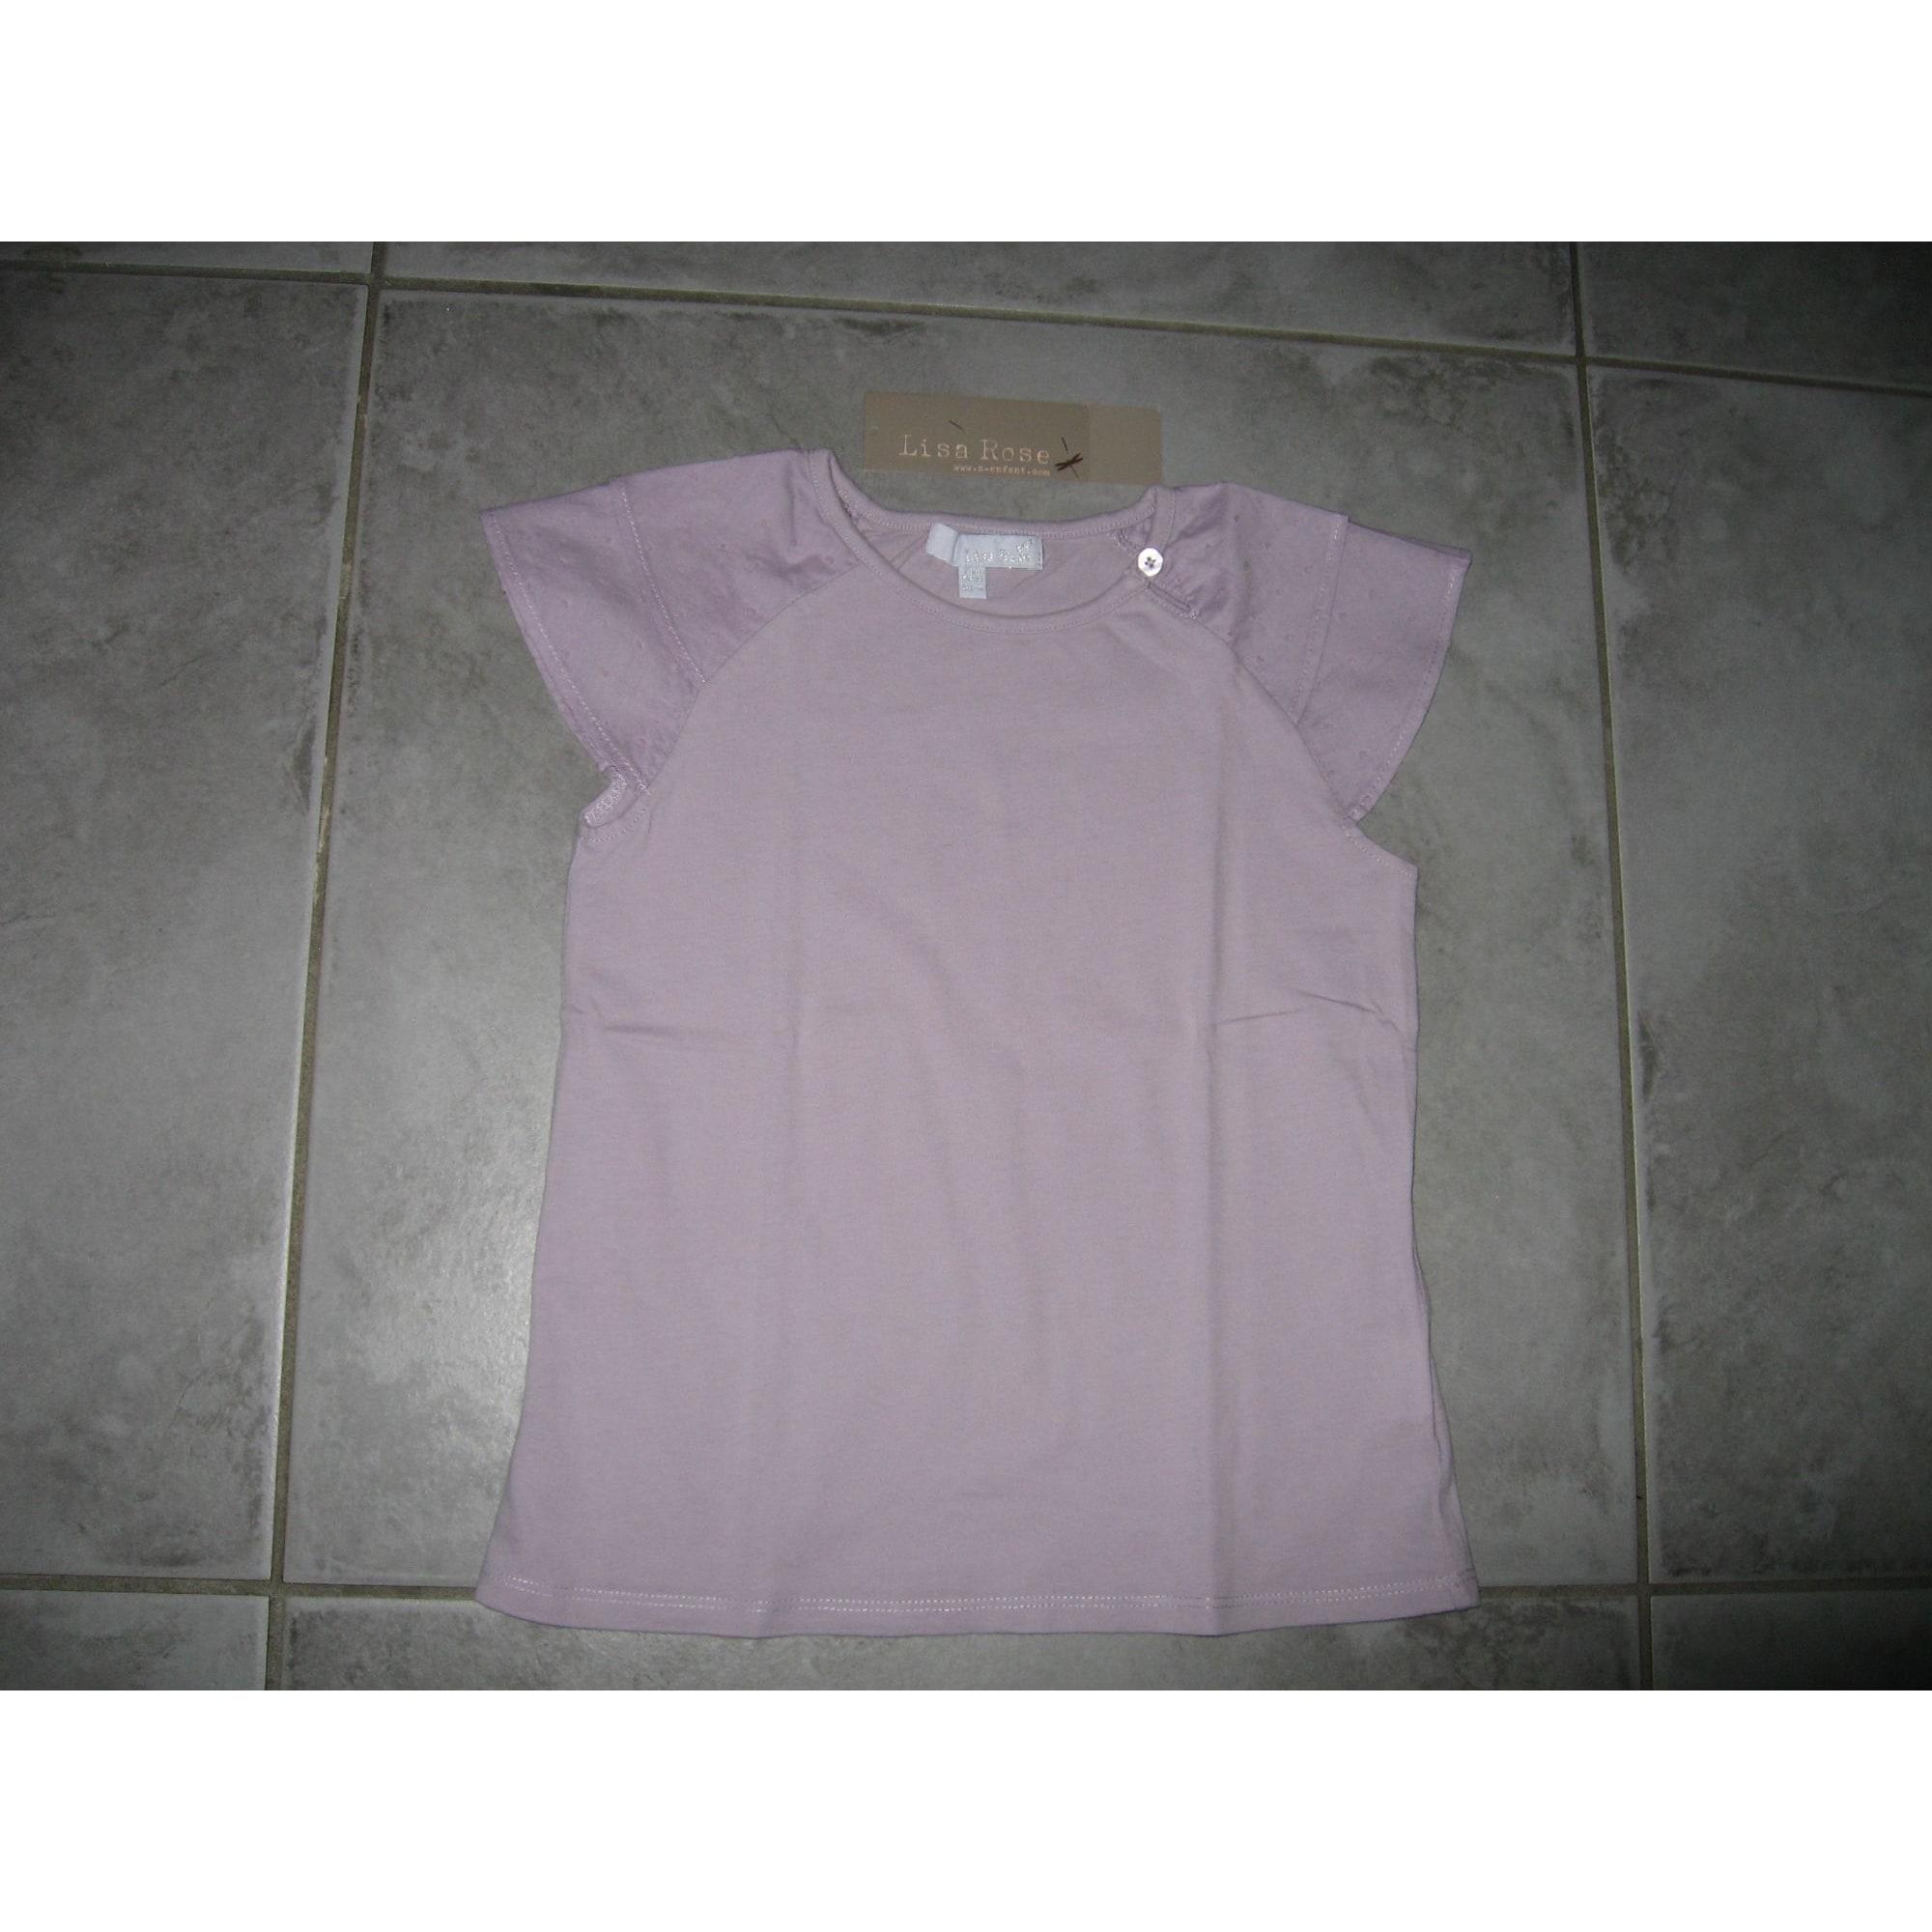 Top, Tee-shirt LISA ROSE Violet, mauve, lavande